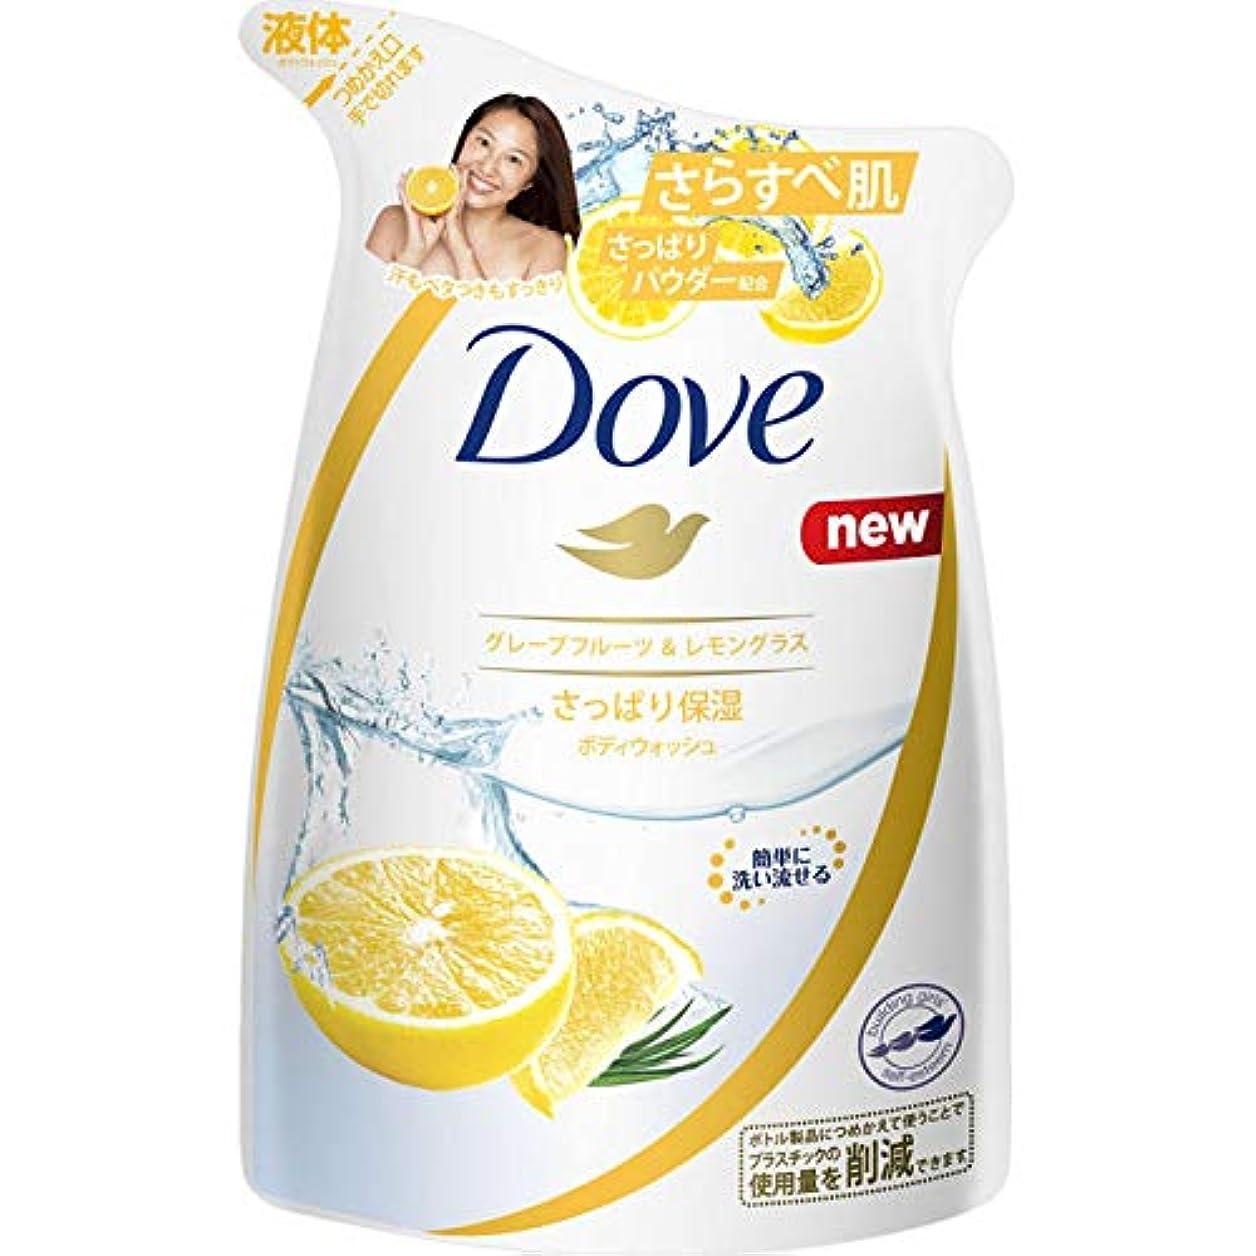 韓国語命令あたたかいダヴ ボディウォッシュ グレープフルーツ&レモングラス つめかえ用 × 10個セット